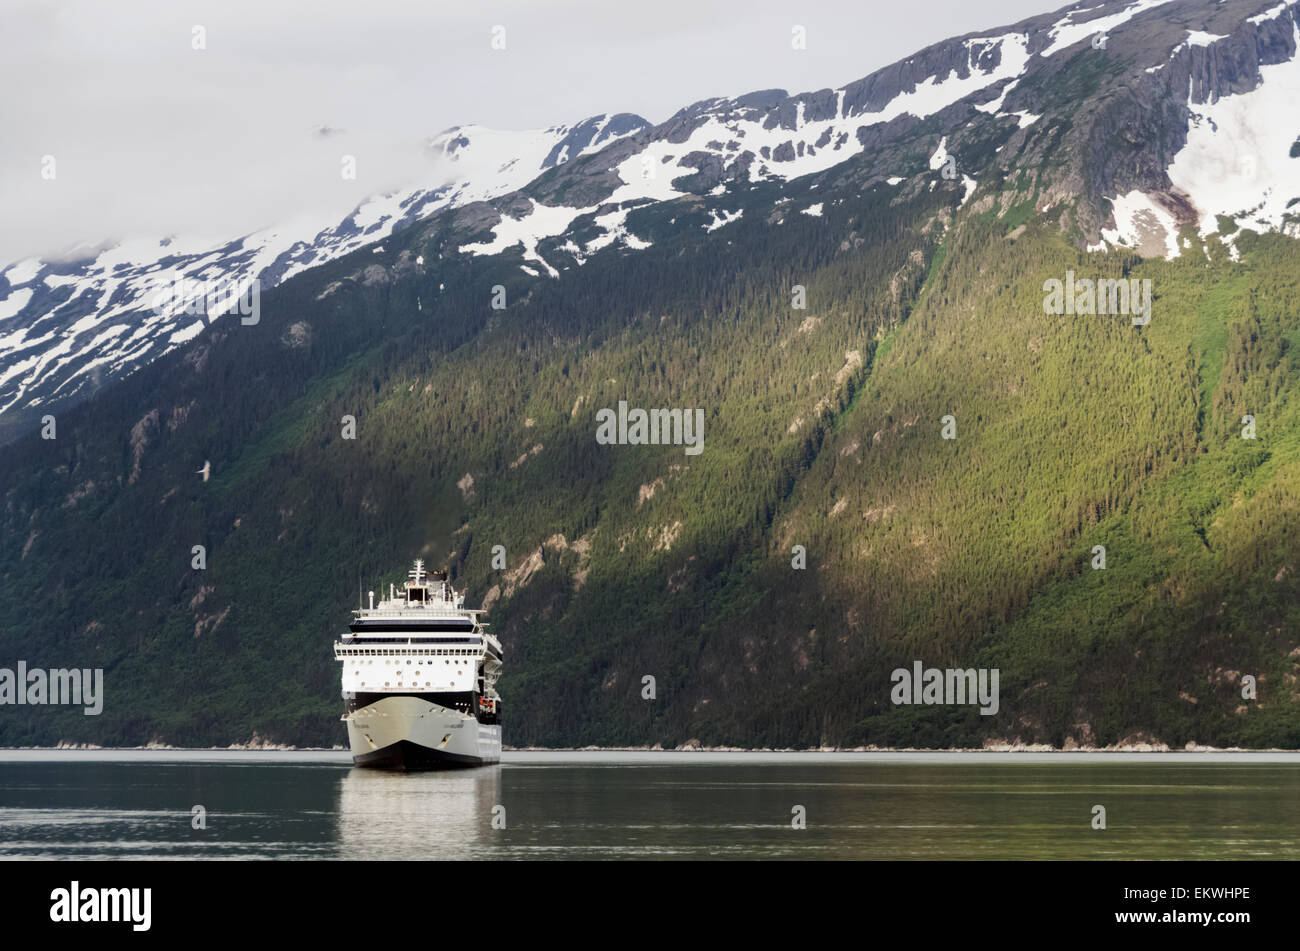 Alaska,Cruise Ship,Skagway,Taiya Inlet - Stock Image